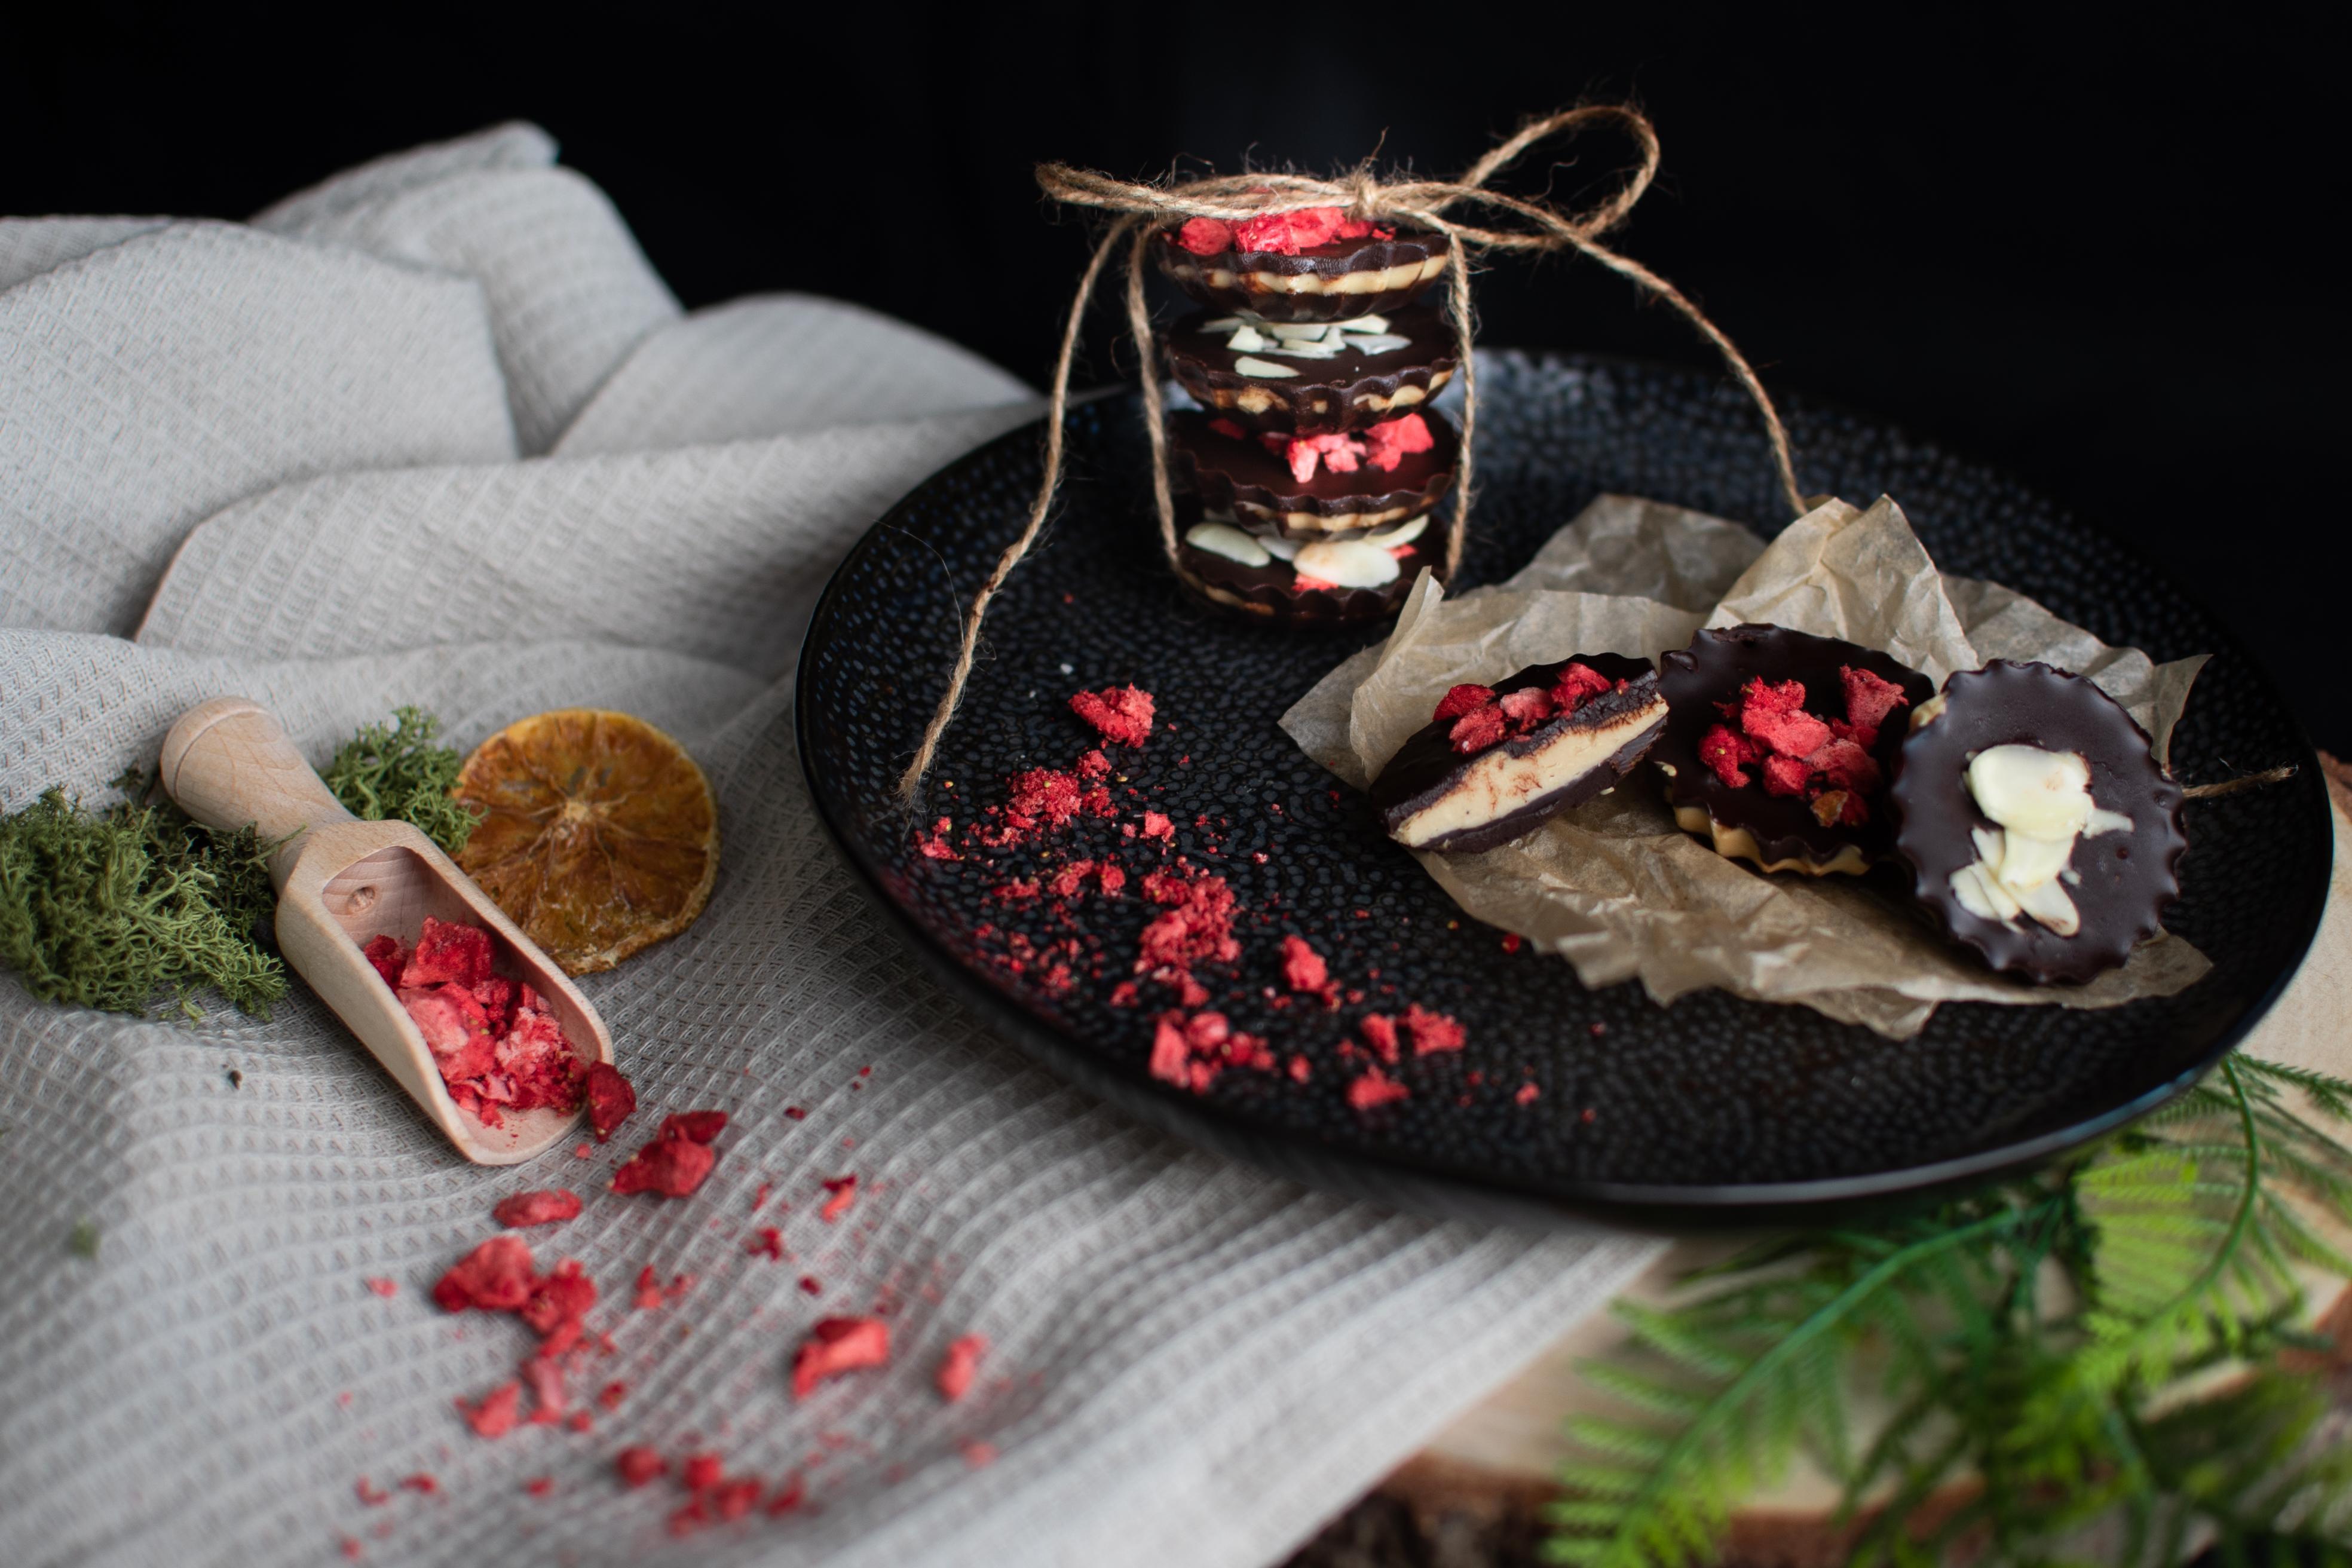 Oříškové krémy v kuchyni: Božské čokoládové košíčky s arašídovým a kešu krémem